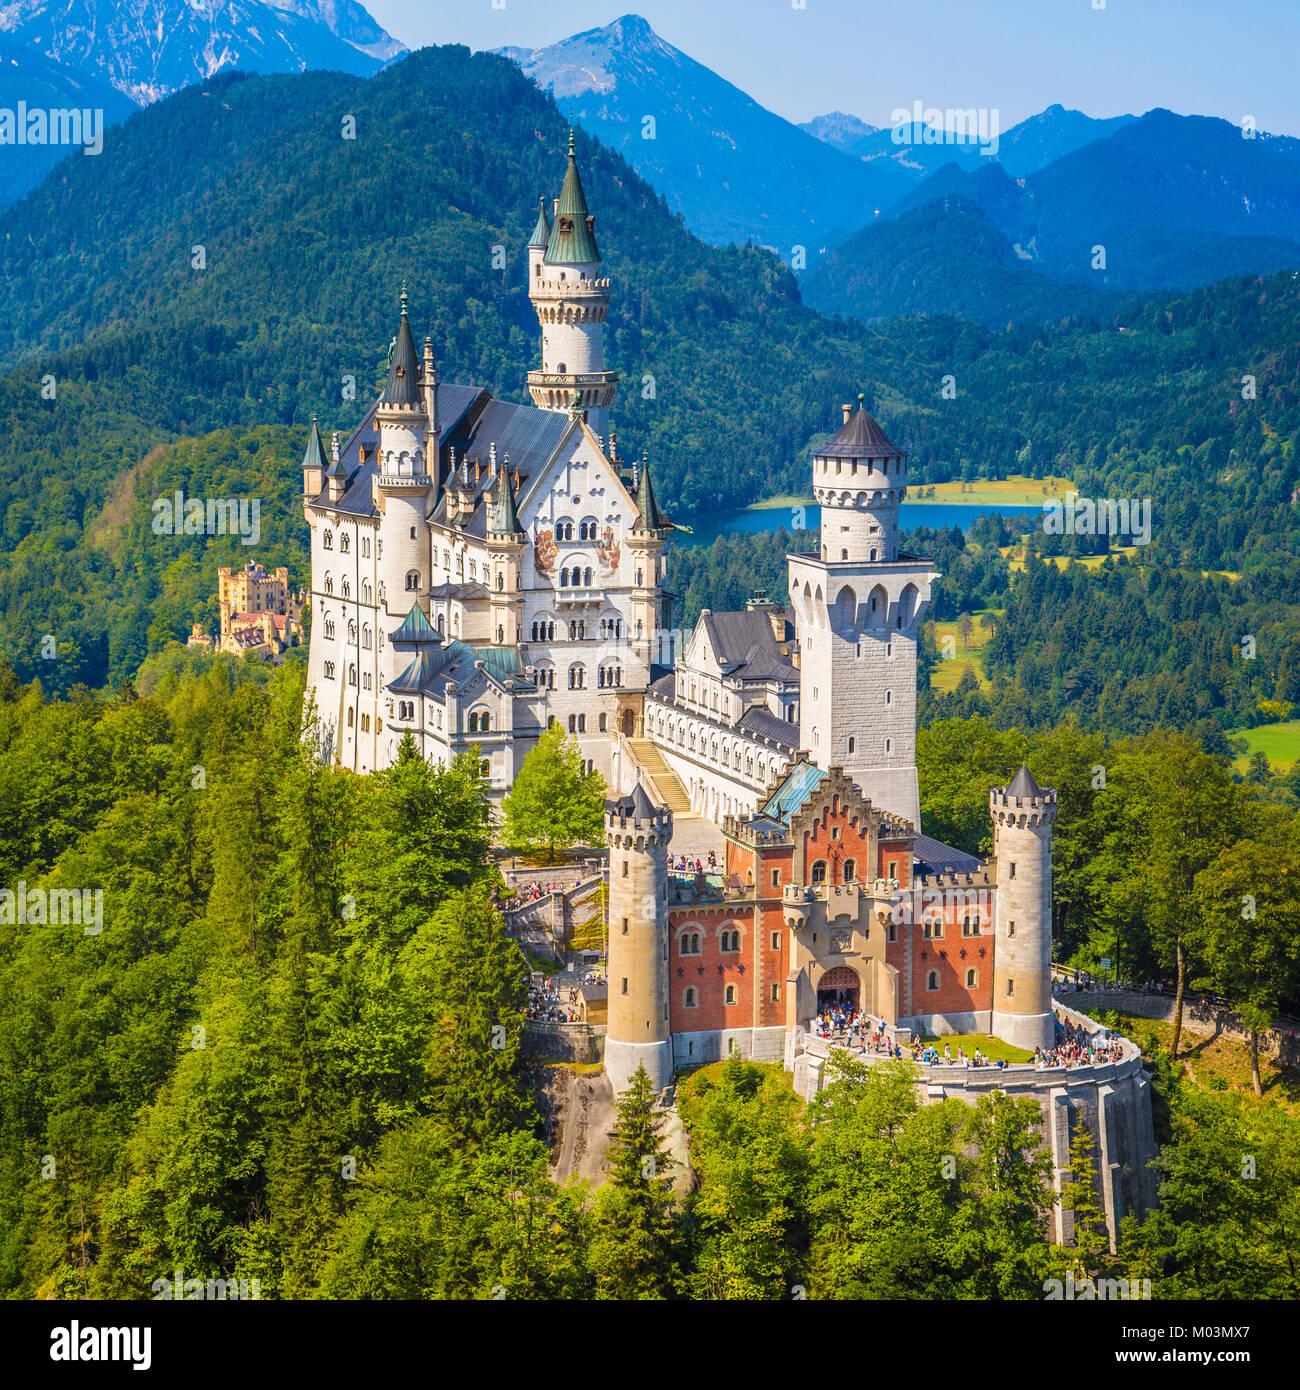 Schöne Aussicht auf die weltberühmten Schloss Neuschwanstein, dem neunzehnten Jahrhundert Neoromanischen Stockbild